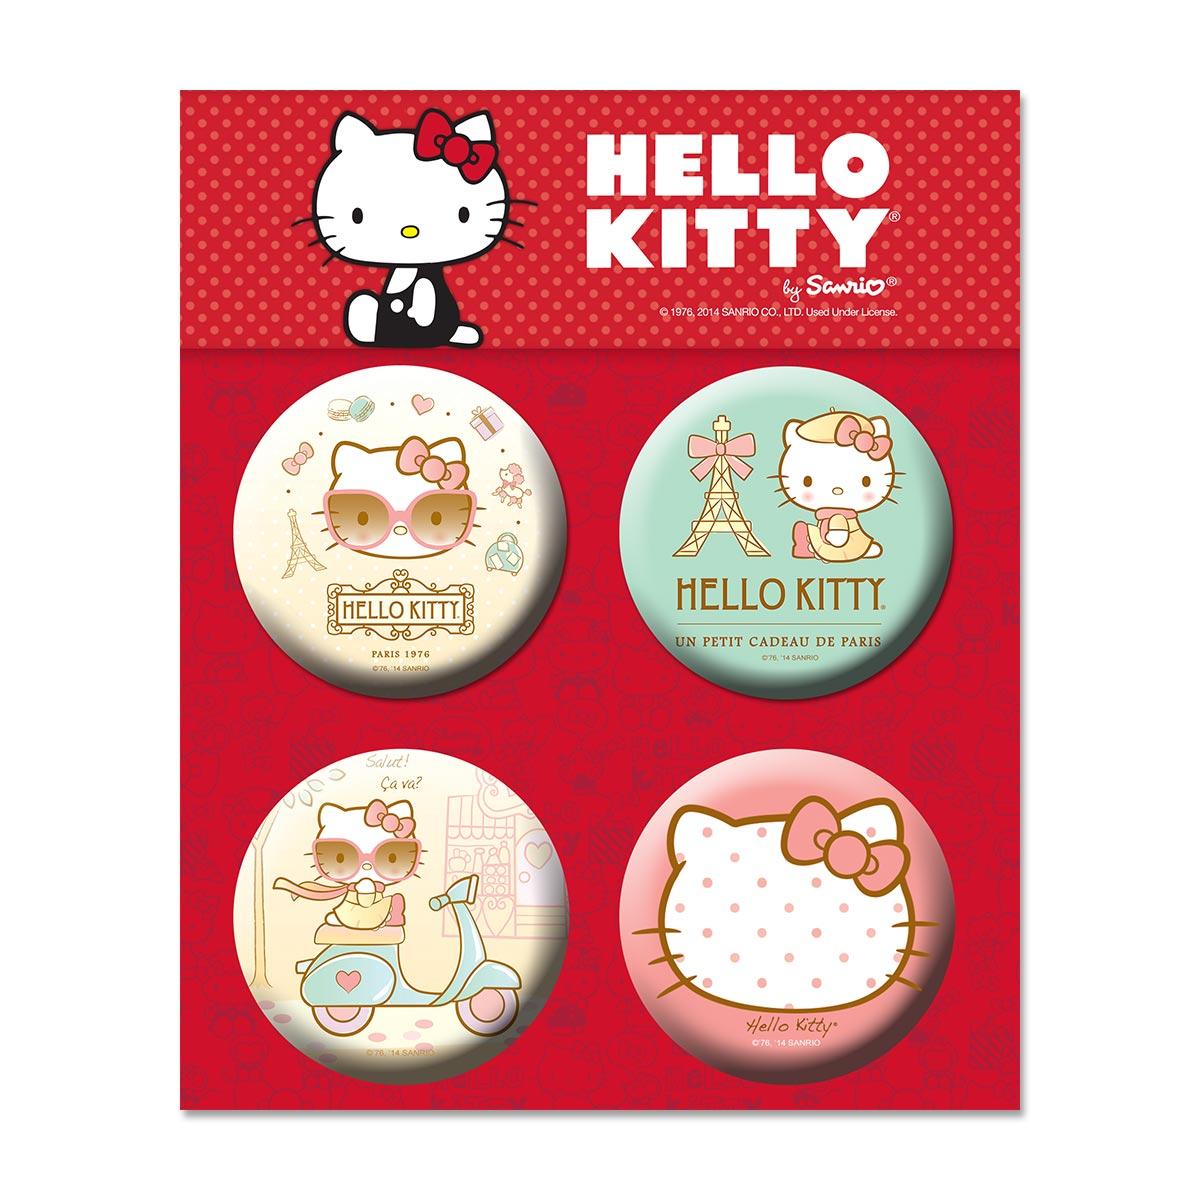 Cartela de Buttons Hello Kitty Modelo 2